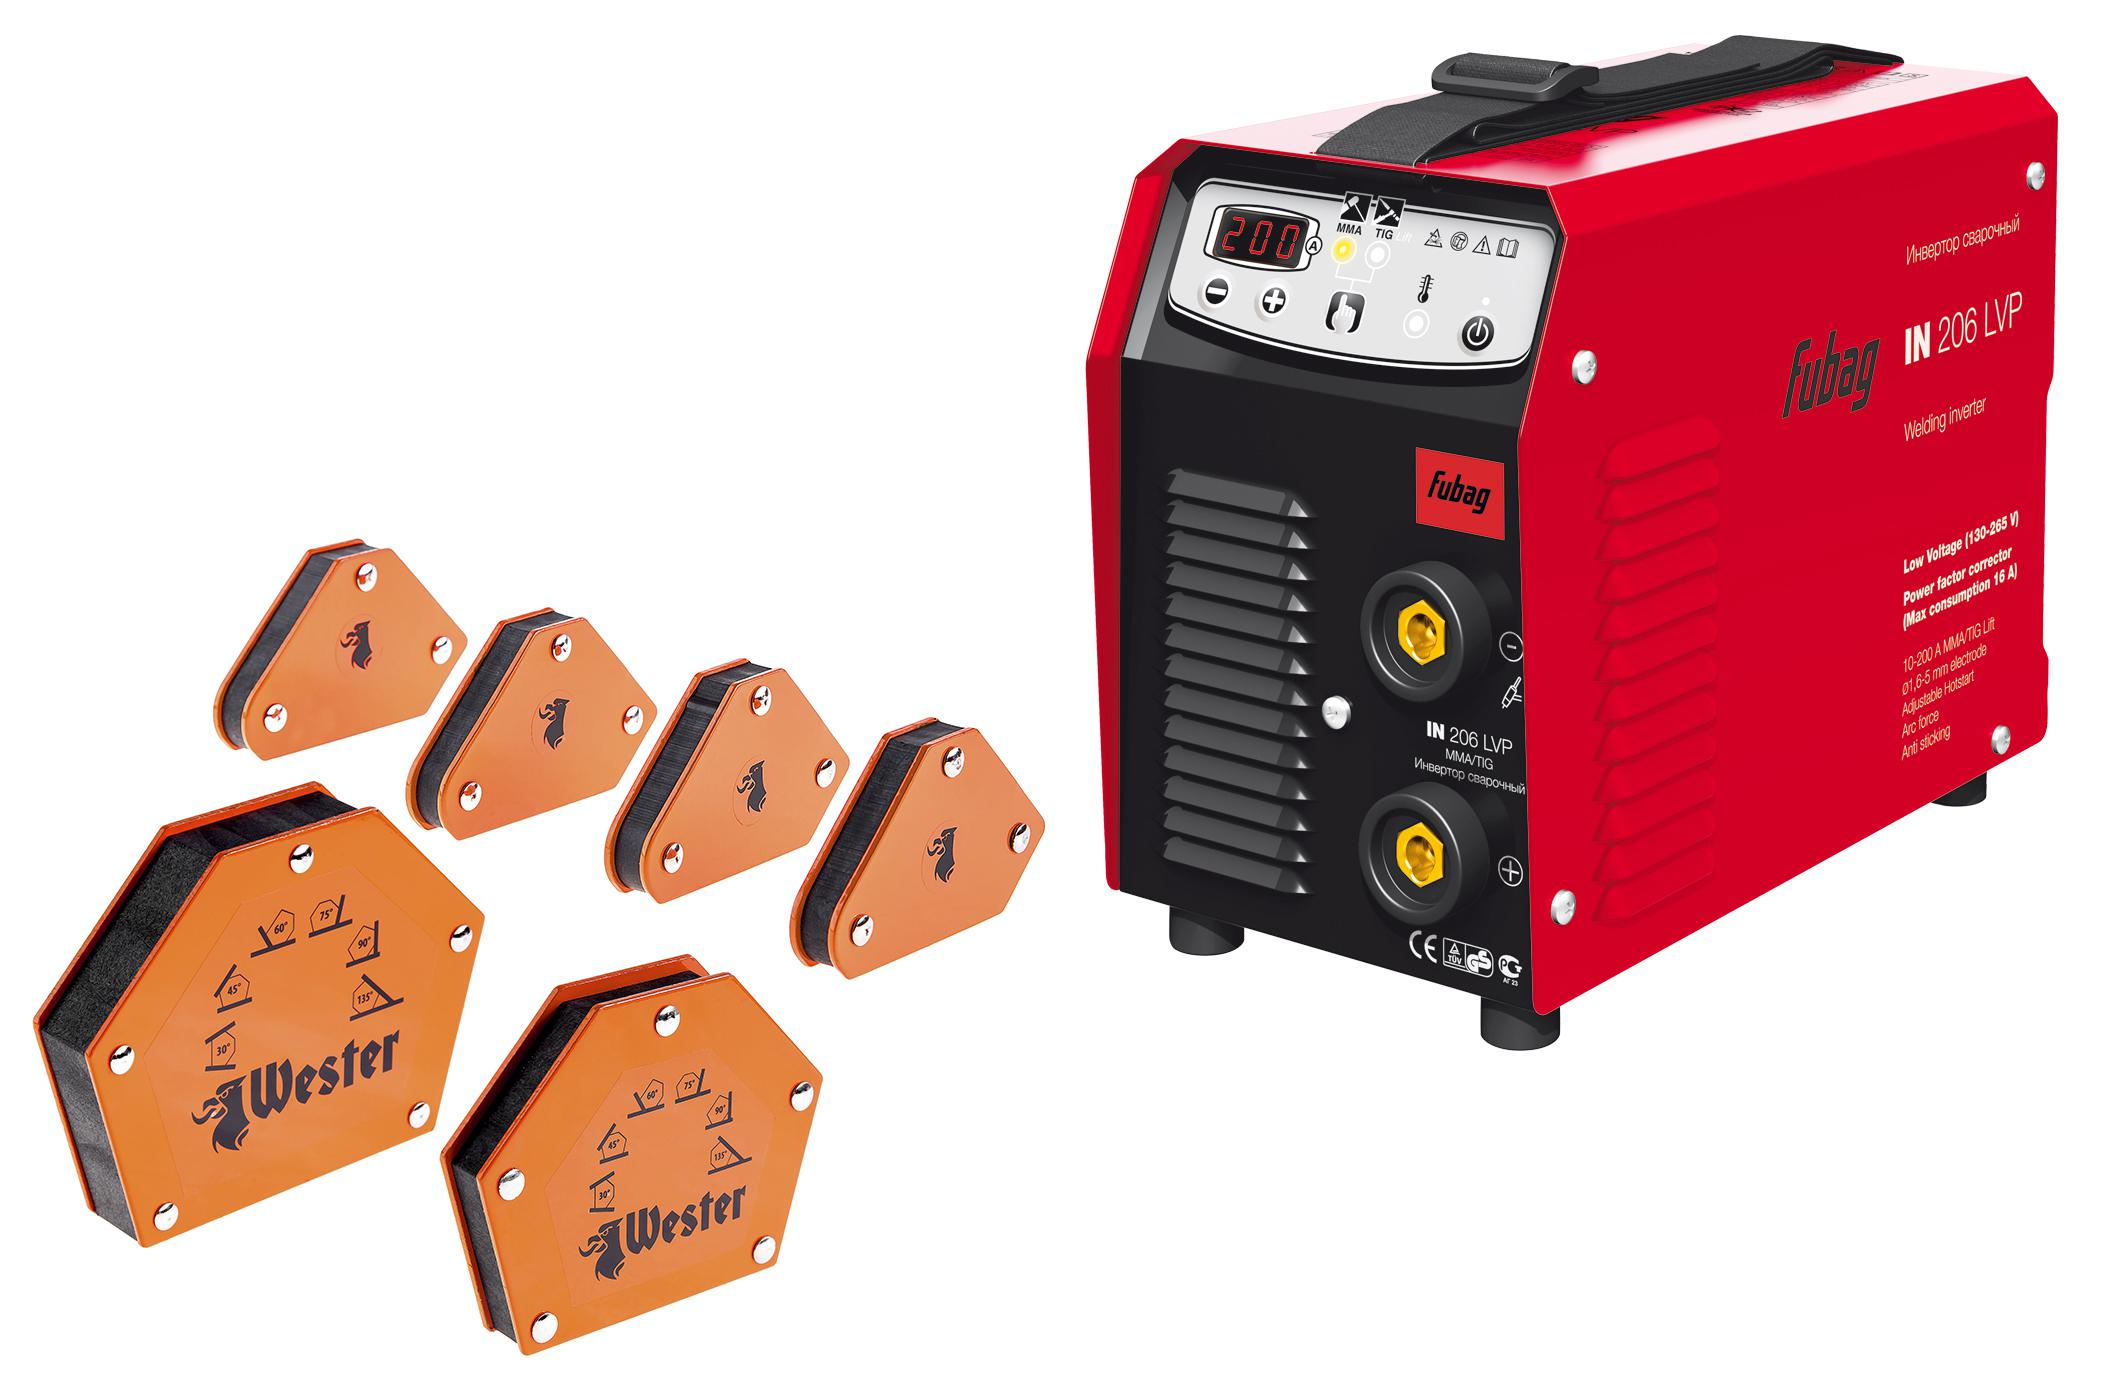 Набор Fubag Сварочный аппарат in 206 lvp +Угольник магнитный mcs +Угольник магнитный wmct50 +Угольник магнитный wmct75 цены